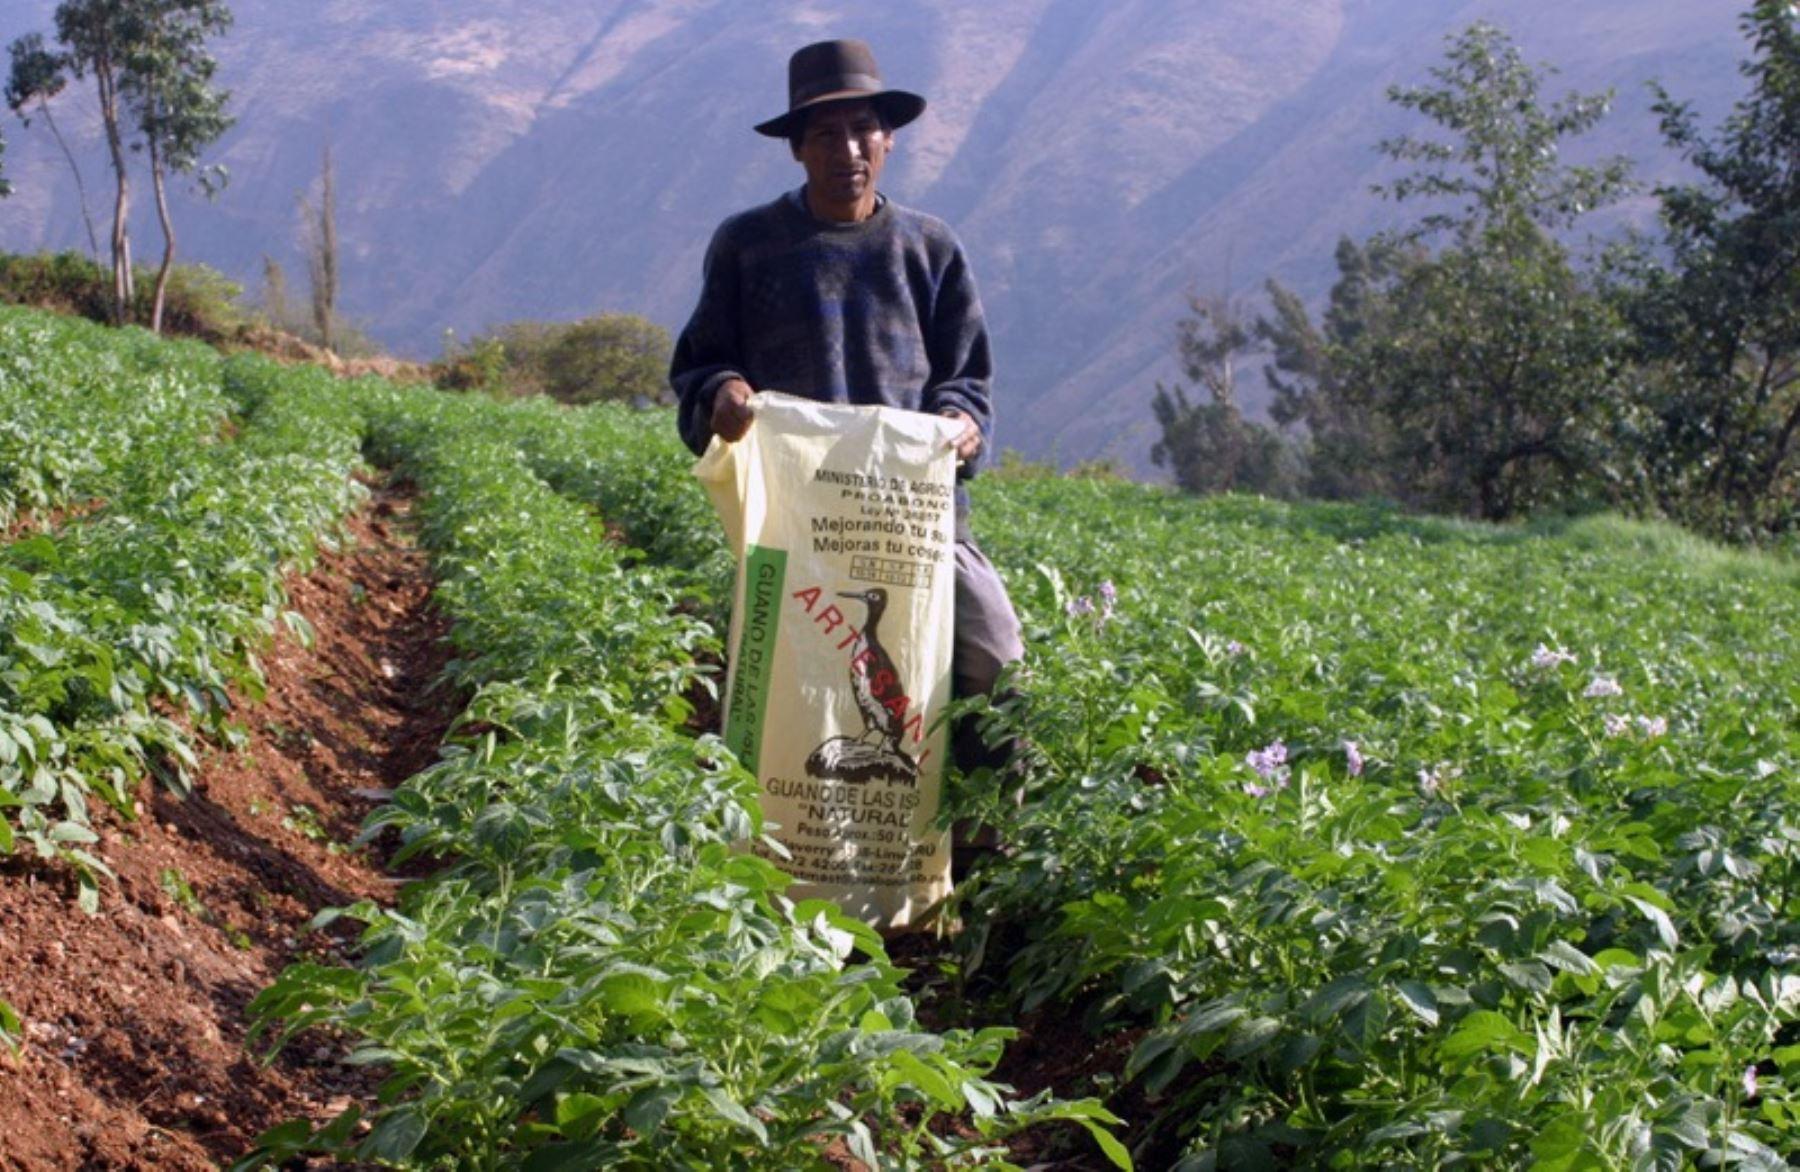 Seguro Agrario pagó Bs 12 millones de indemnización a productores afectados por desastres